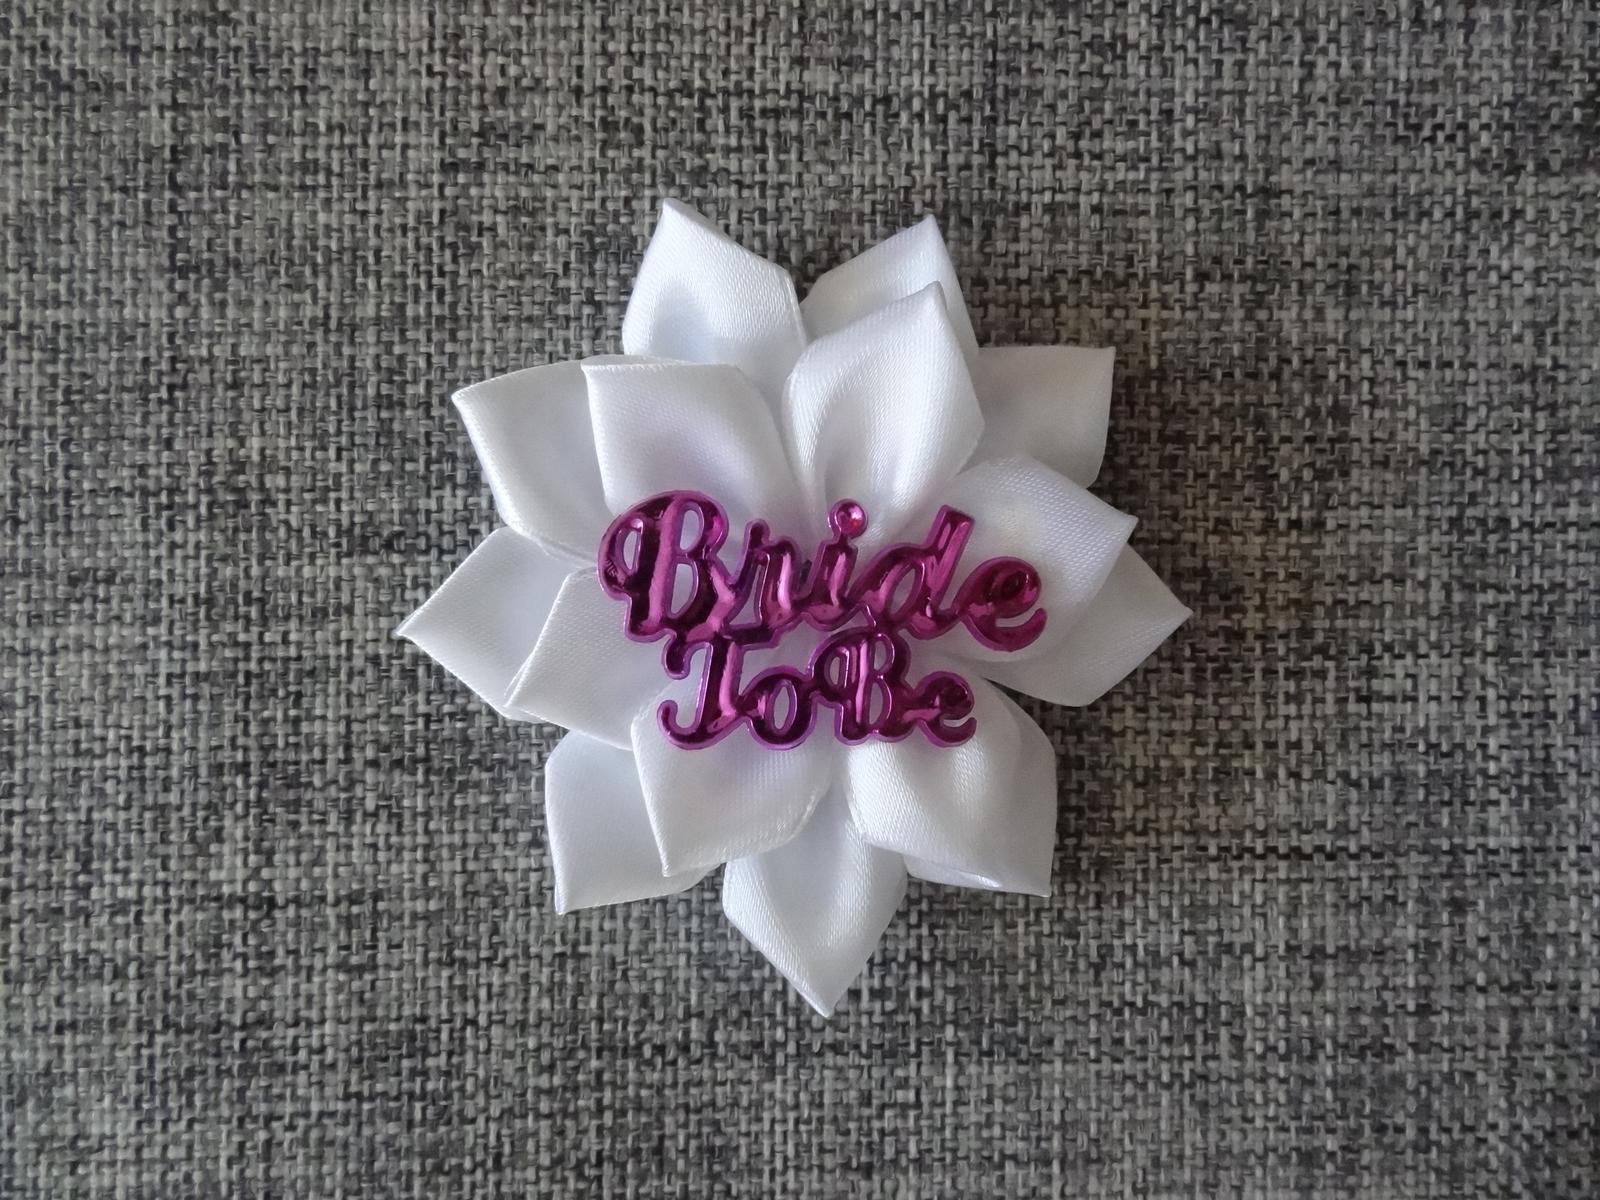 Brož pro budoucí nevěstu - Obrázek č. 1